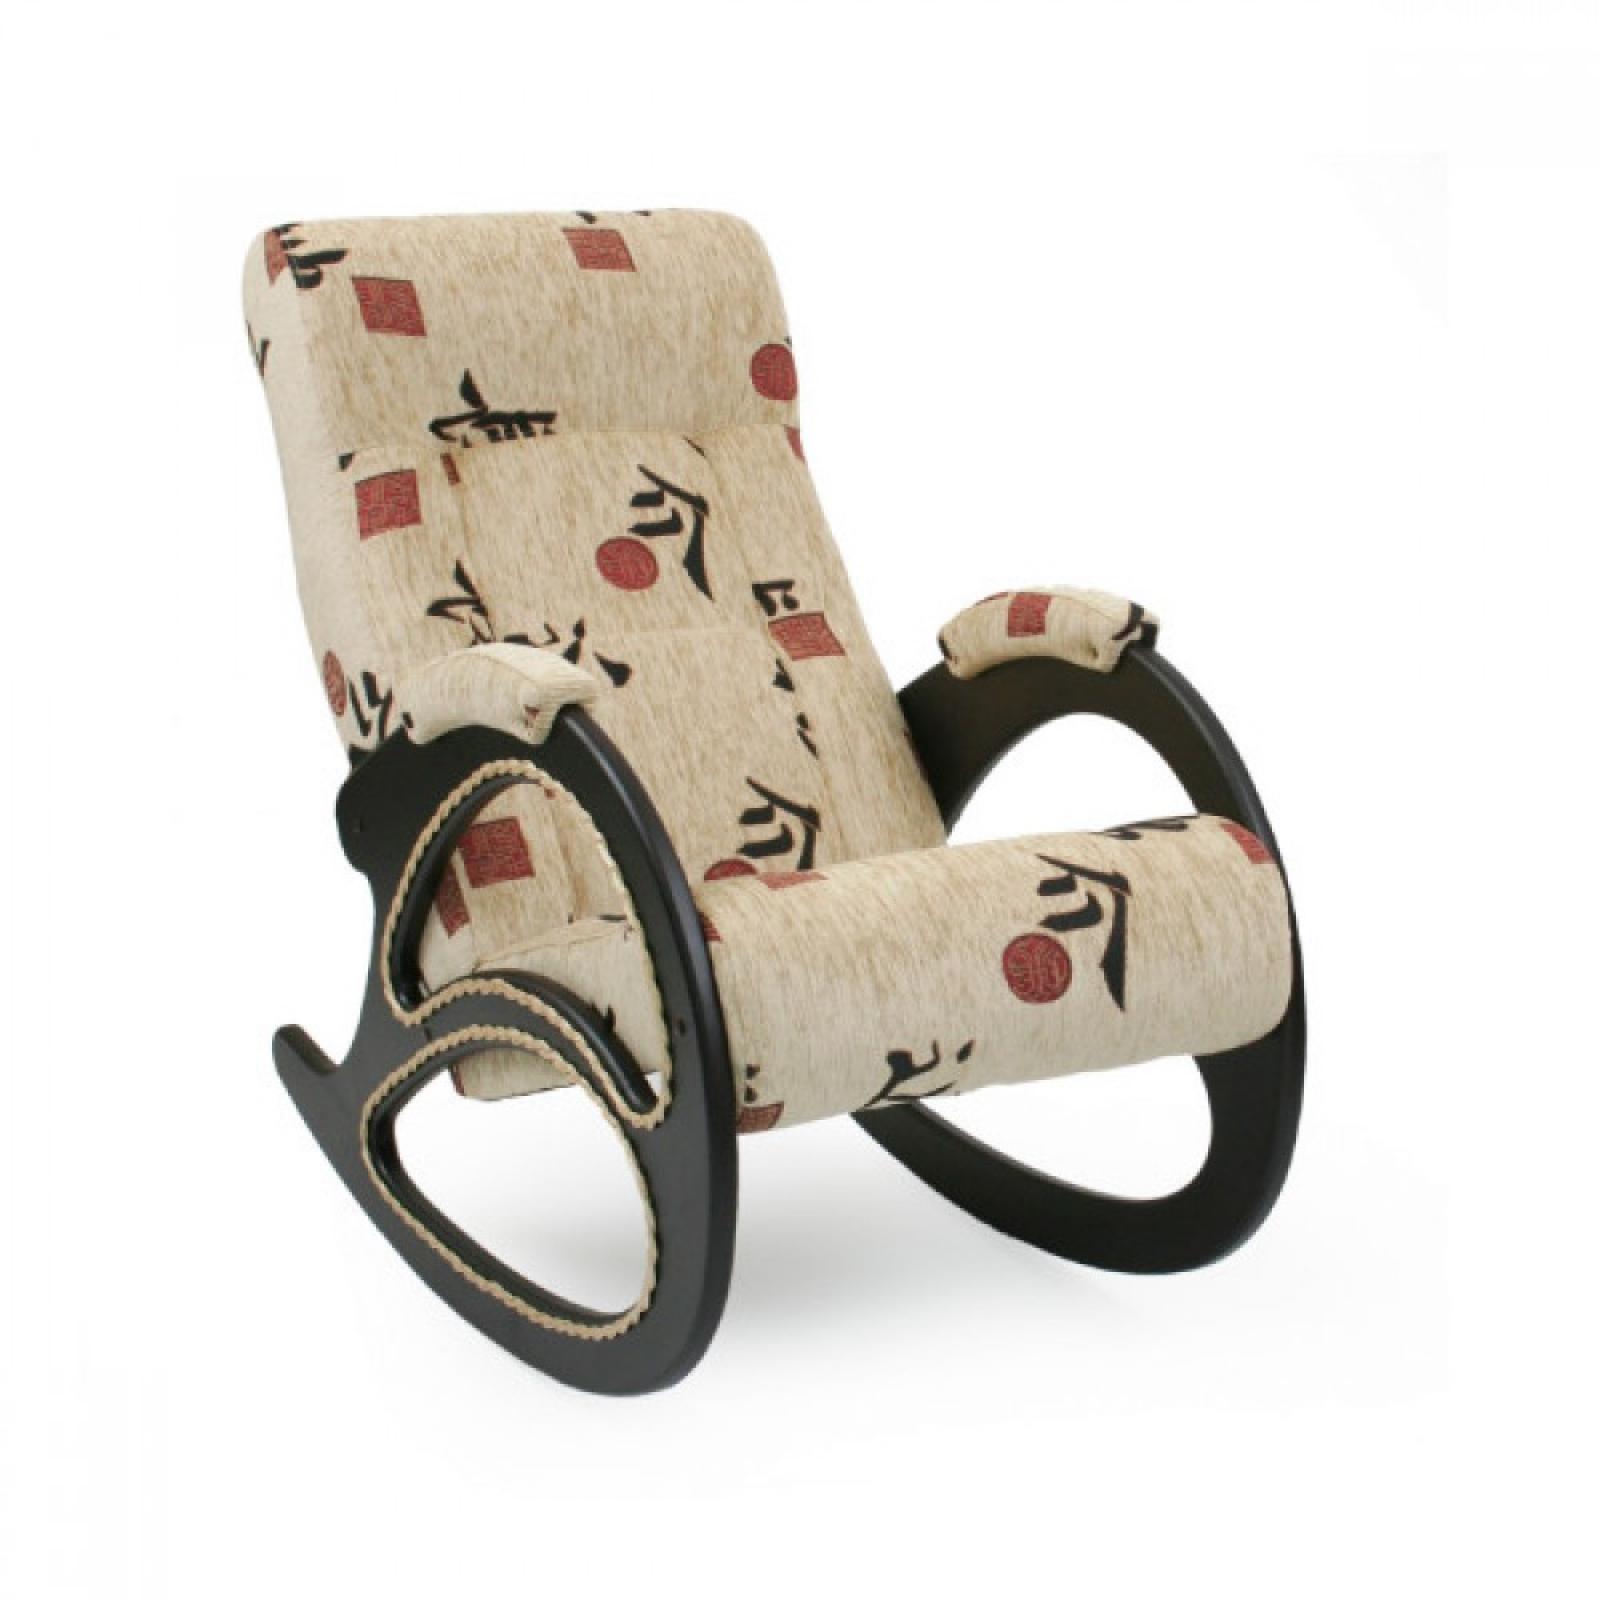 Кресло-качалка, Модель 4 (с декоративной косичкой) Венге/Токио - 1